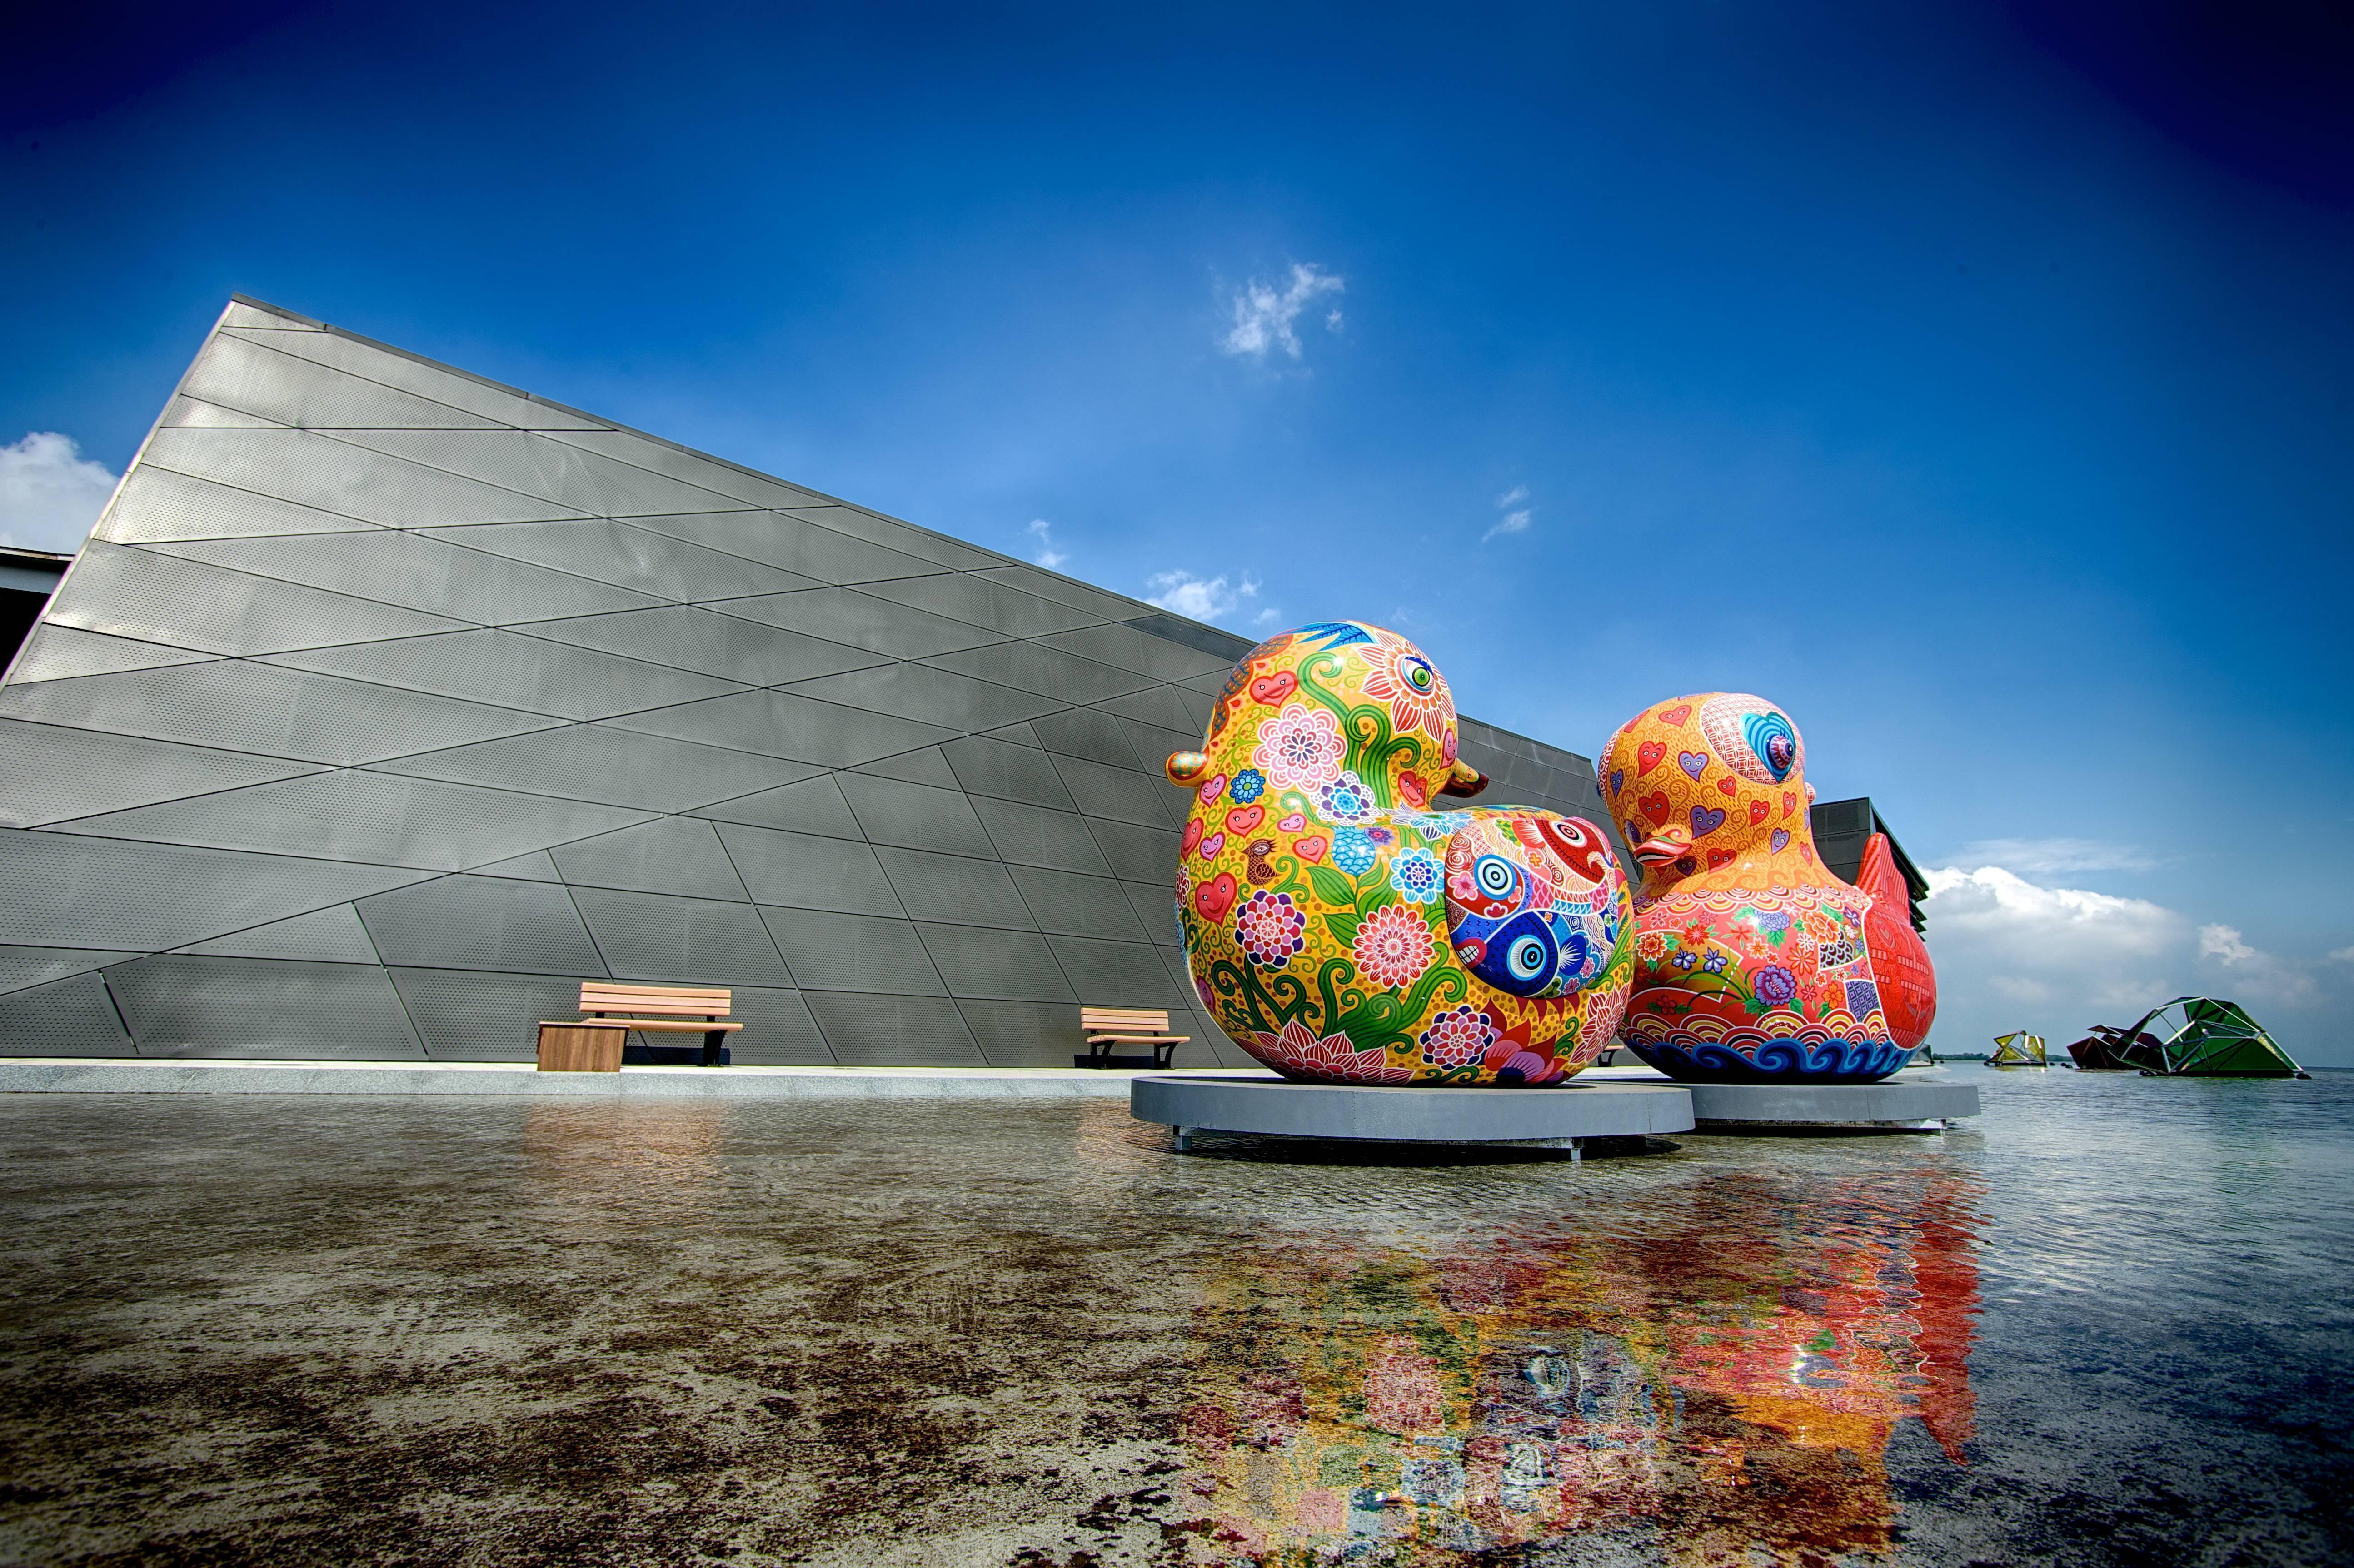 古云:只羨鴛鴦不羨仙,大膽的彩繪圖騰、符號運用,表現藝術家無稽的想像力。中國人長久以來,對鴛鴦一直保持浪漫幸福的幻想。